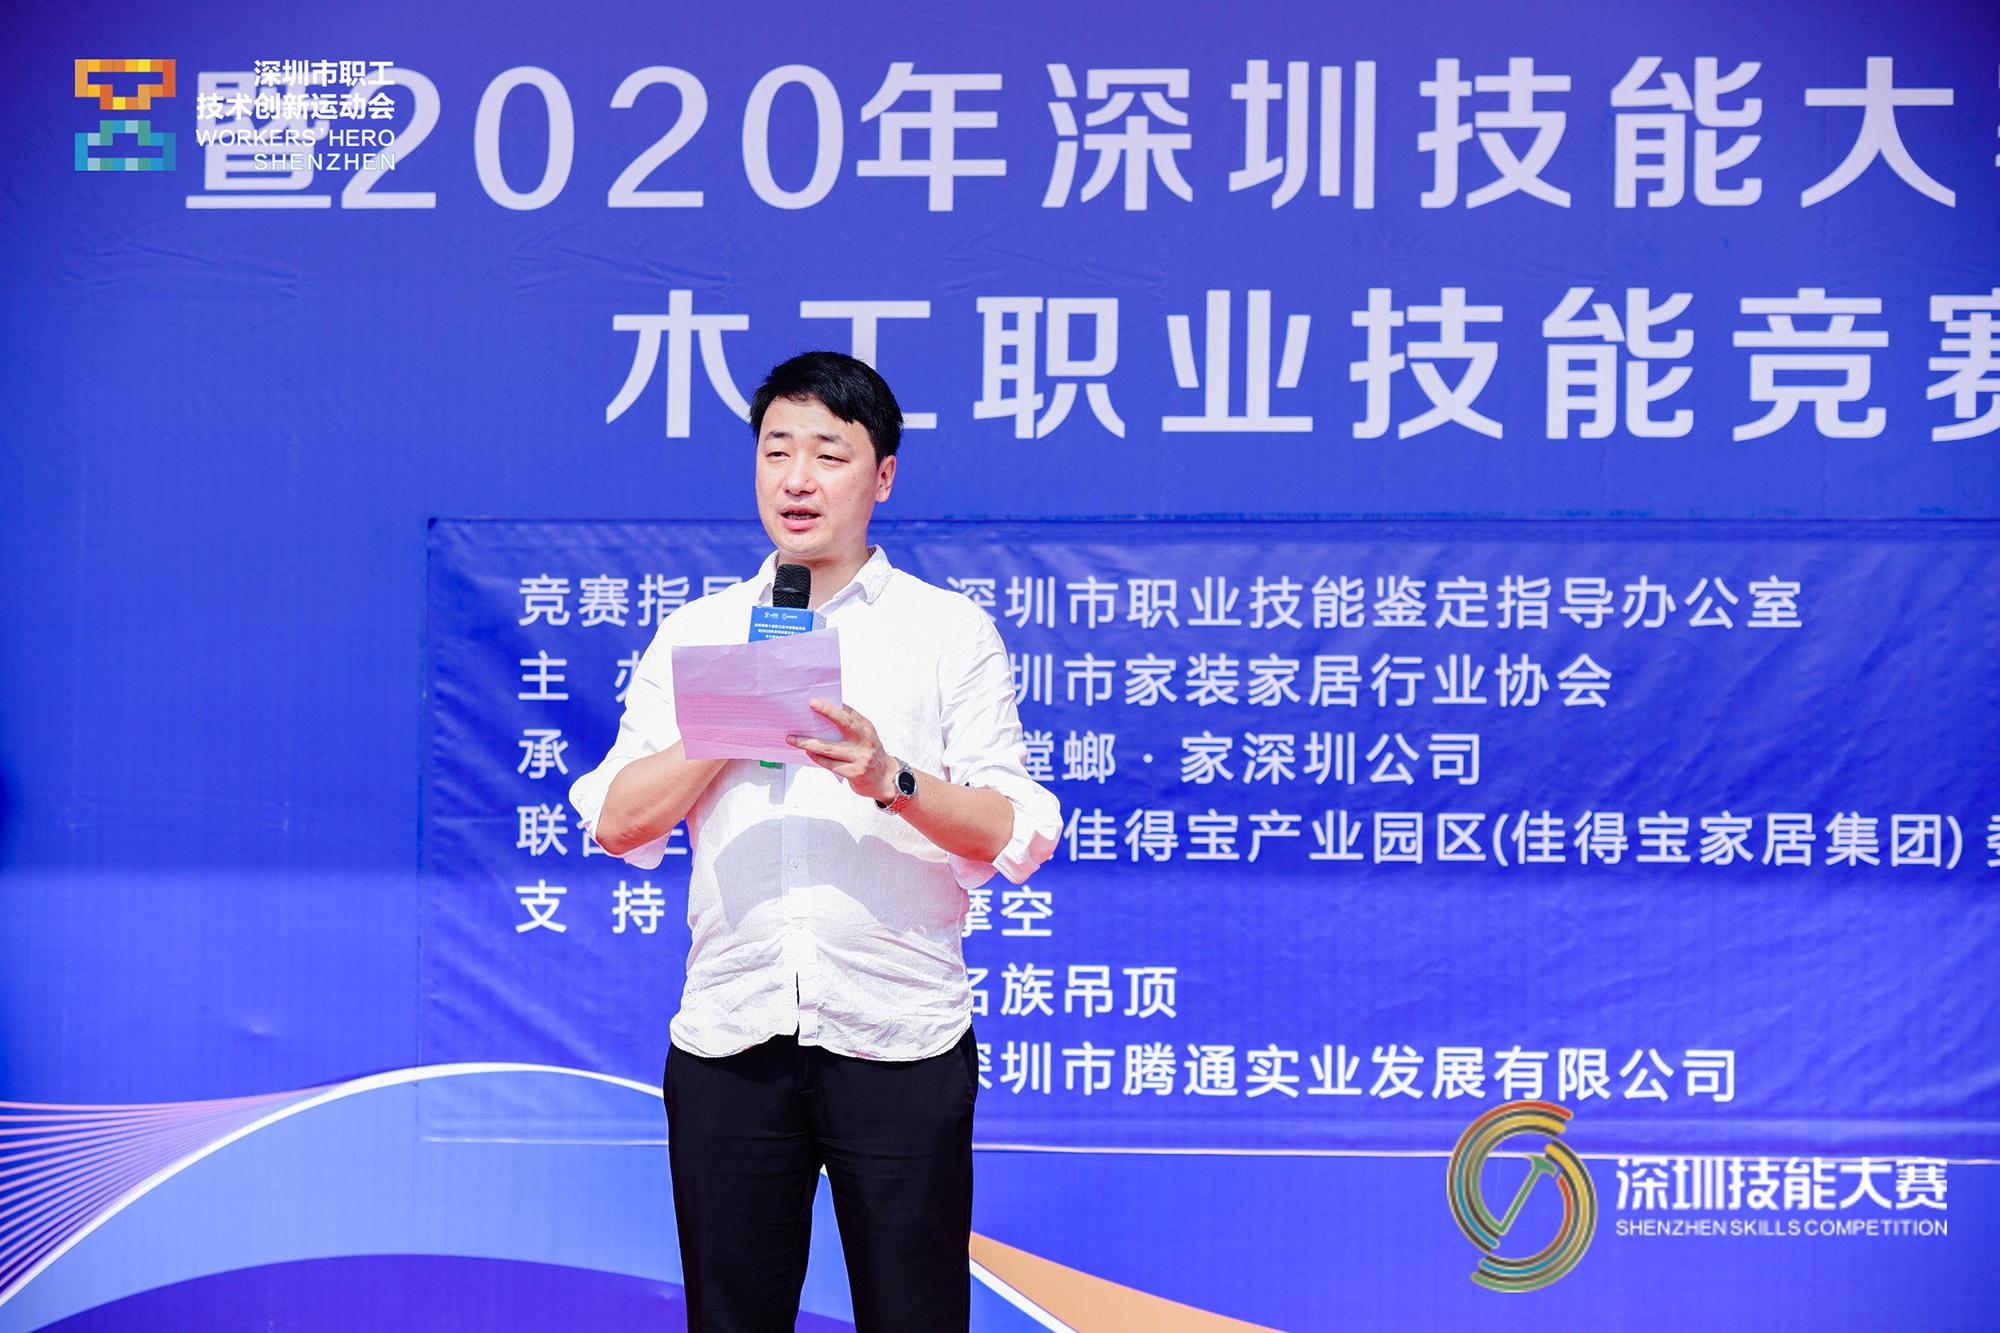 2020深圳职业技能大赛完美落幕 金螳螂·家深圳店工匠喜获第一